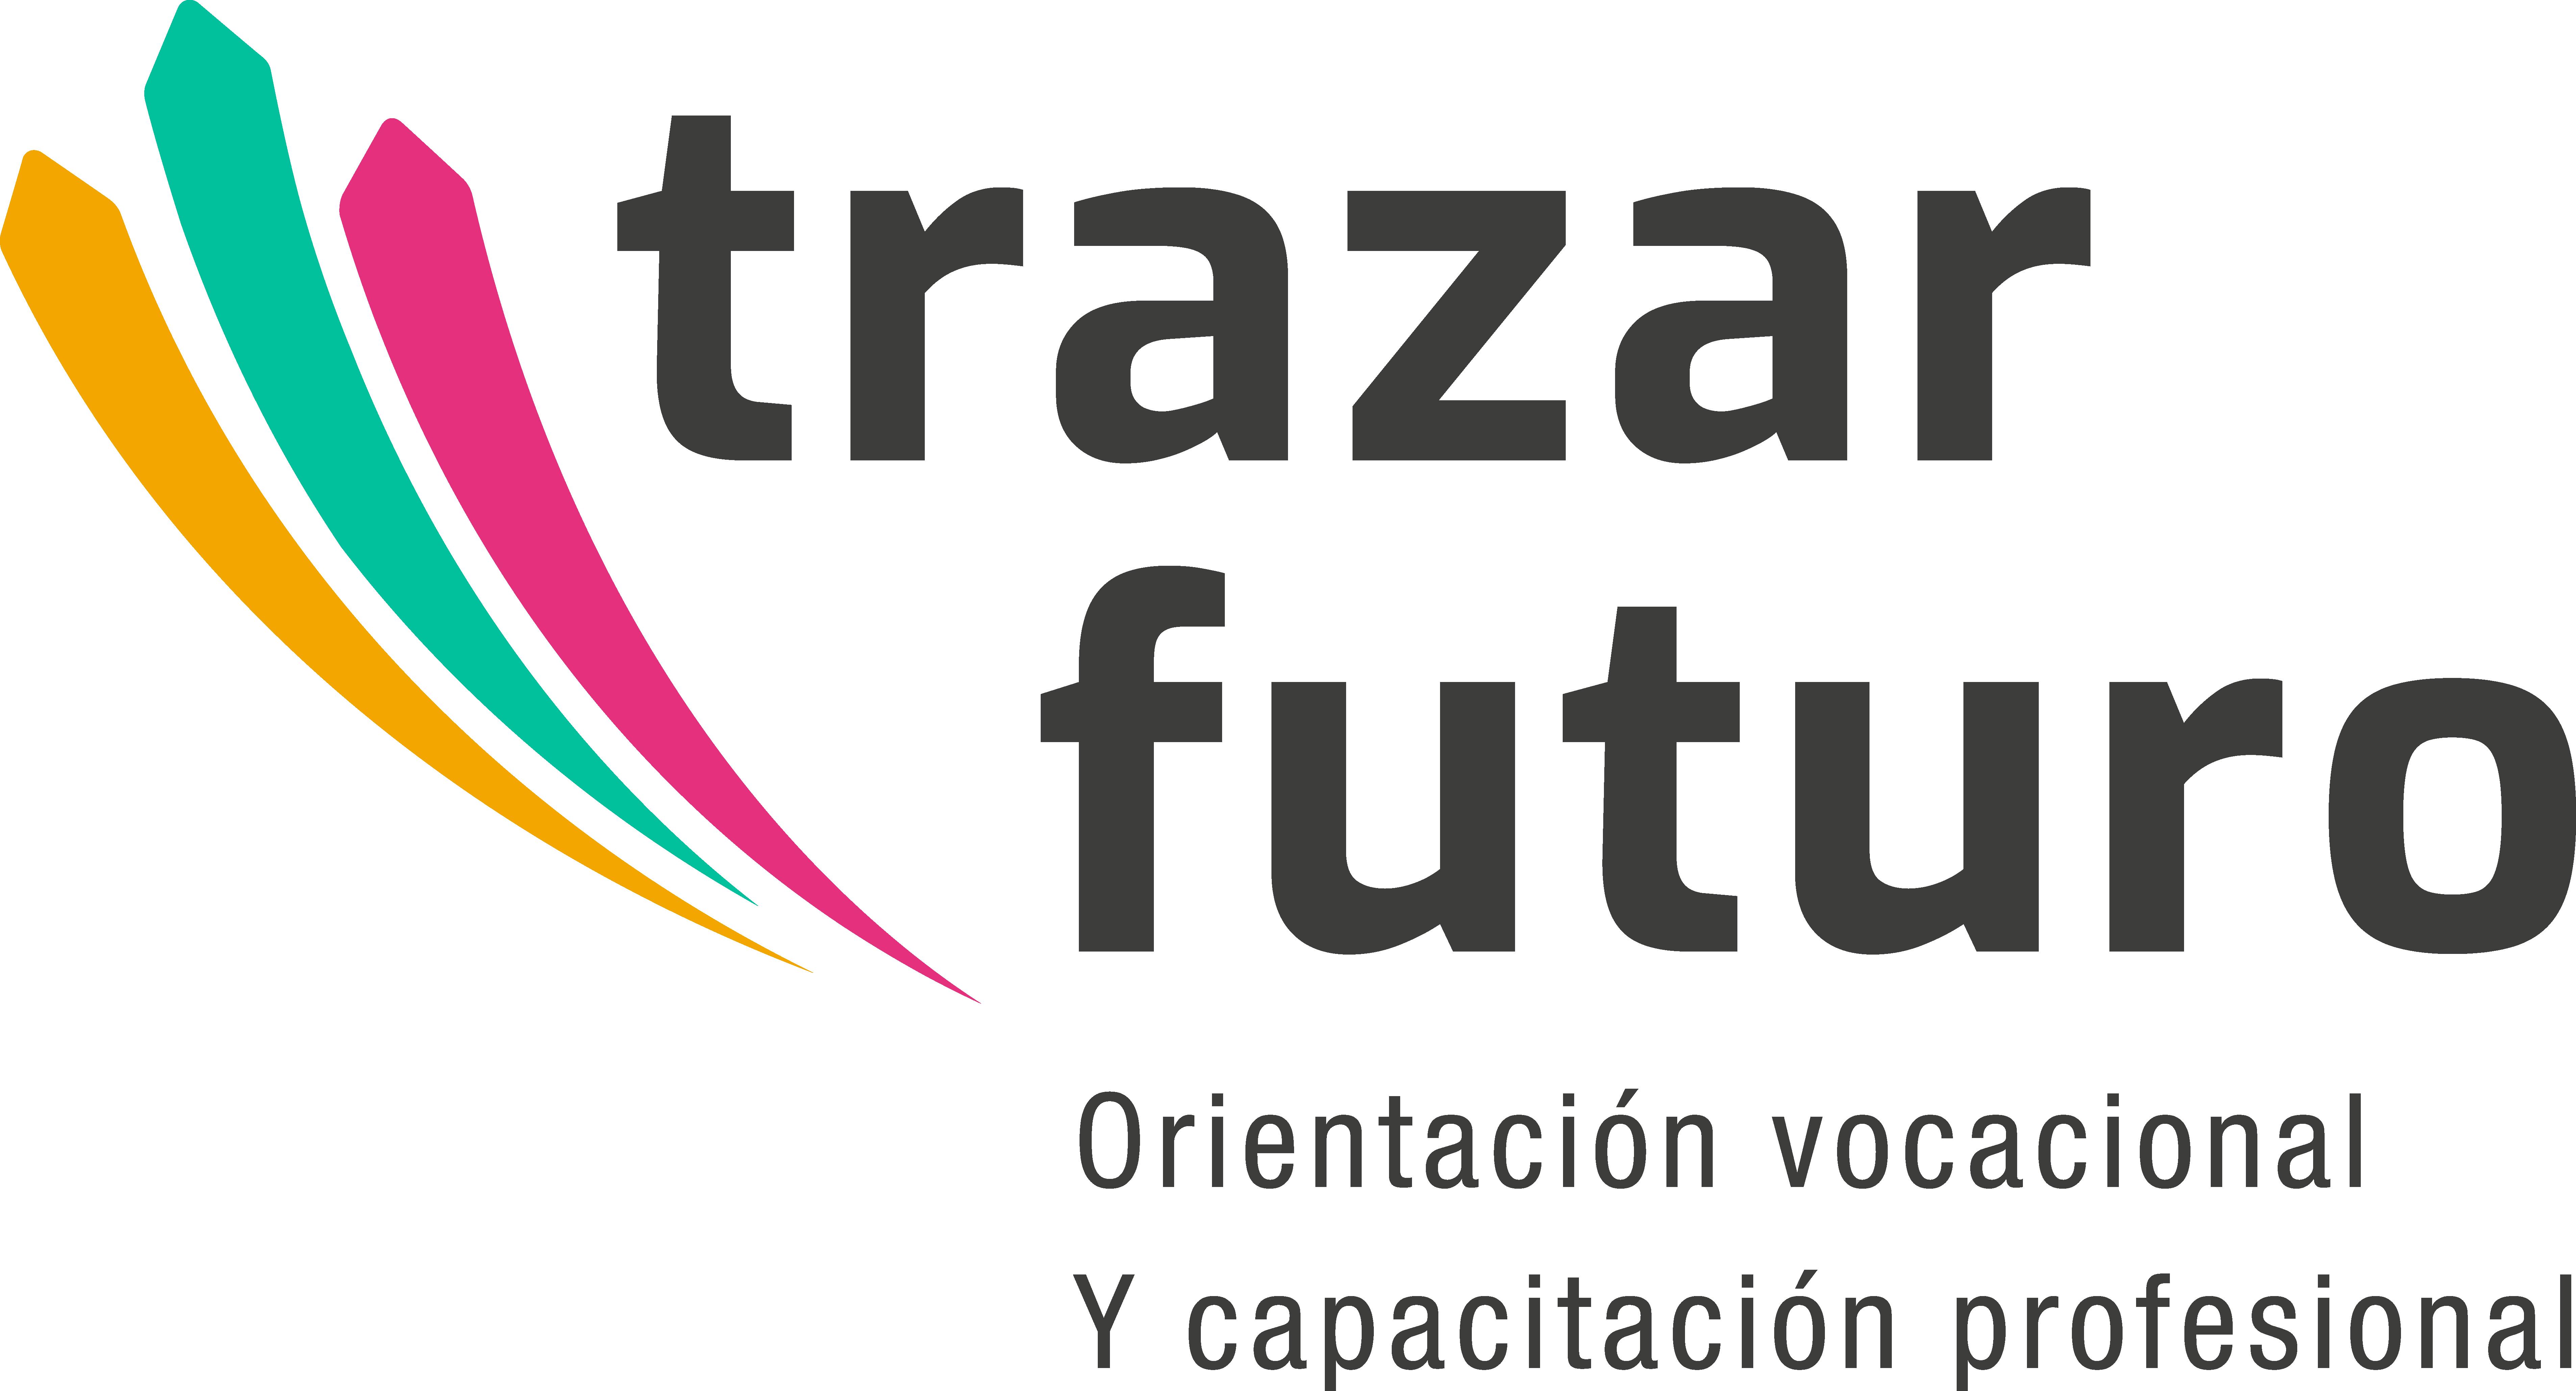 Trazar futuro